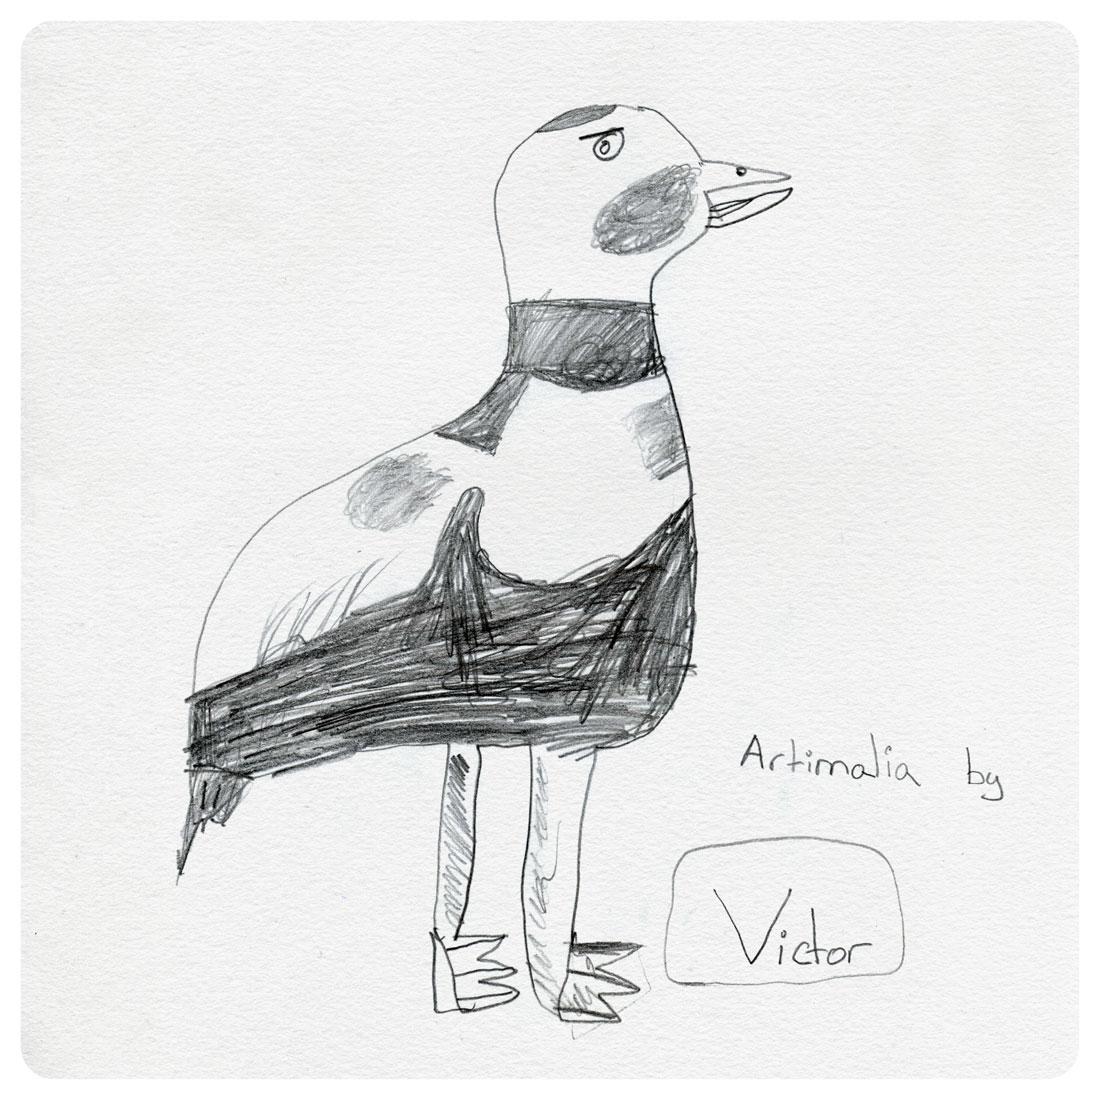 pato del labrador victor jimenez artimalia